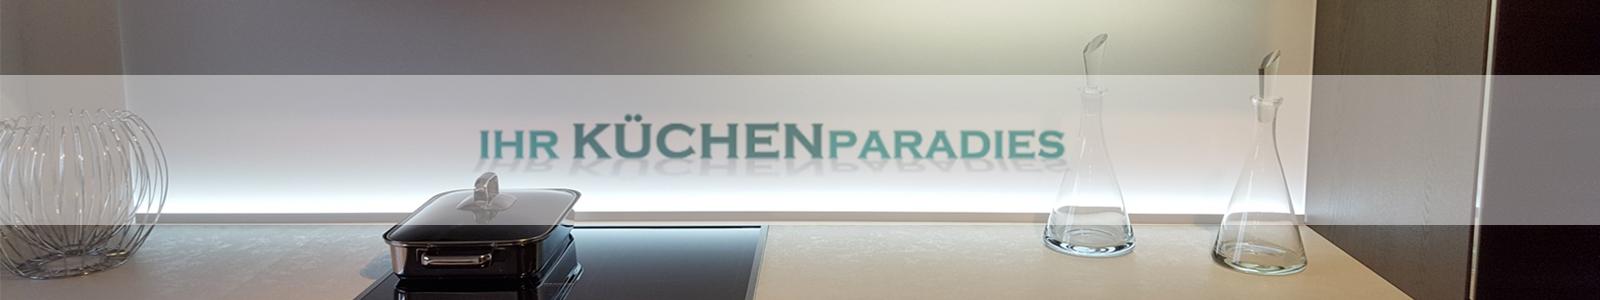 kuechenguide.com-ihr-kuechenparadies-1600-300-banner